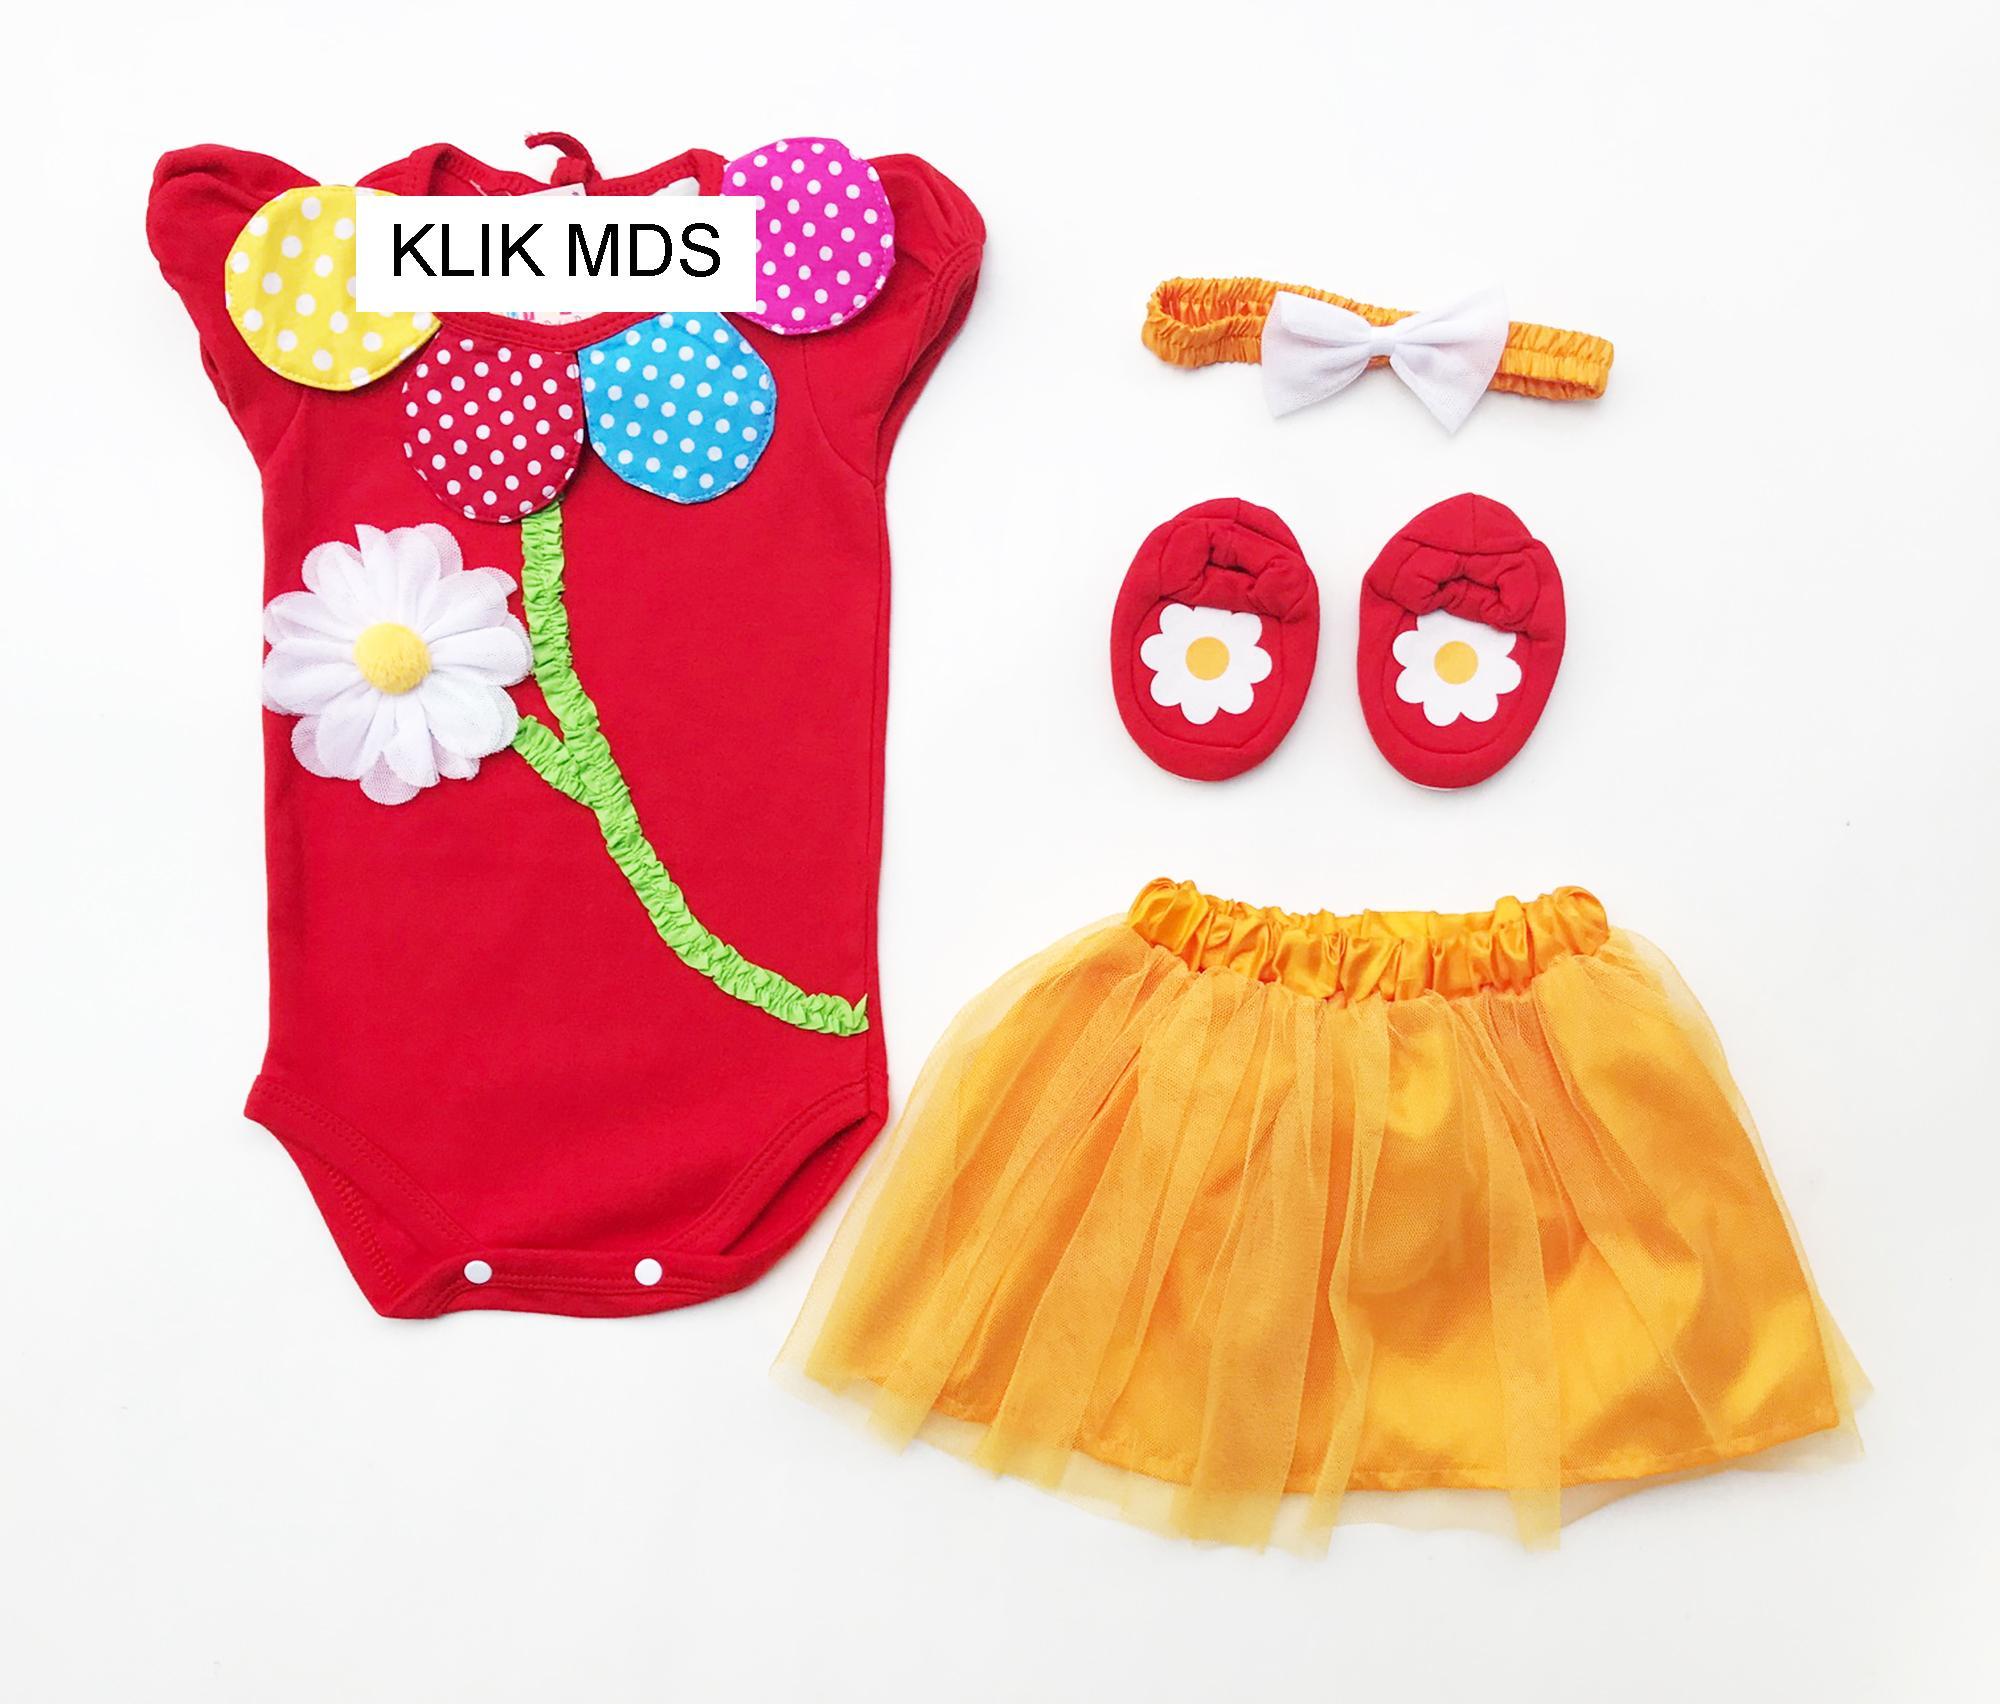 Klik Mds Baju Anak Bayi Newborn Perempuan Jumper Dengan Rok Tutu Bunga Aurelia Free Headband dan Se